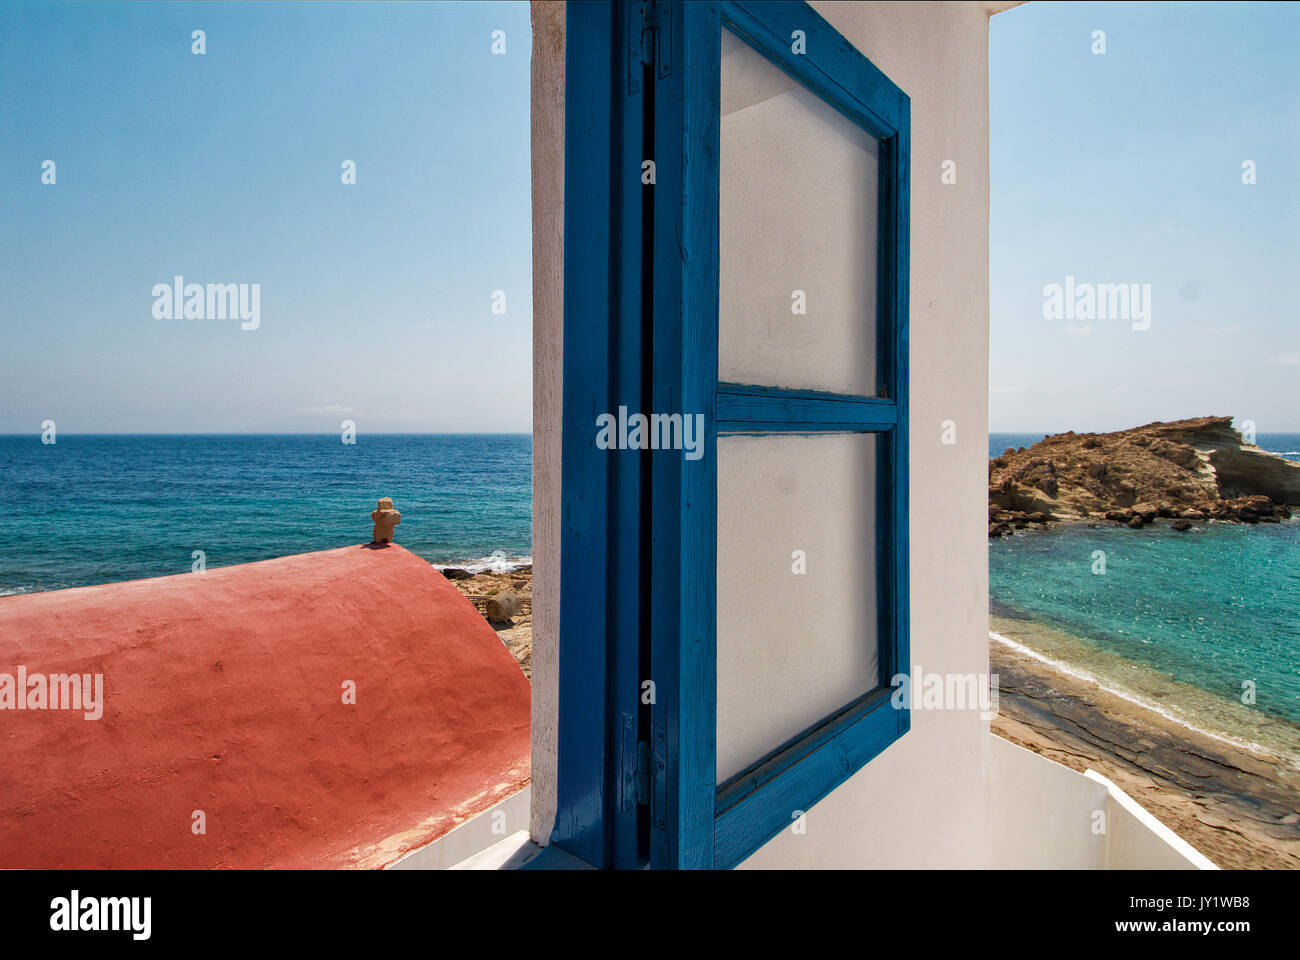 Greece, Aegean Islands, Karpathos island, Lefkos village and harbor Stock Photo